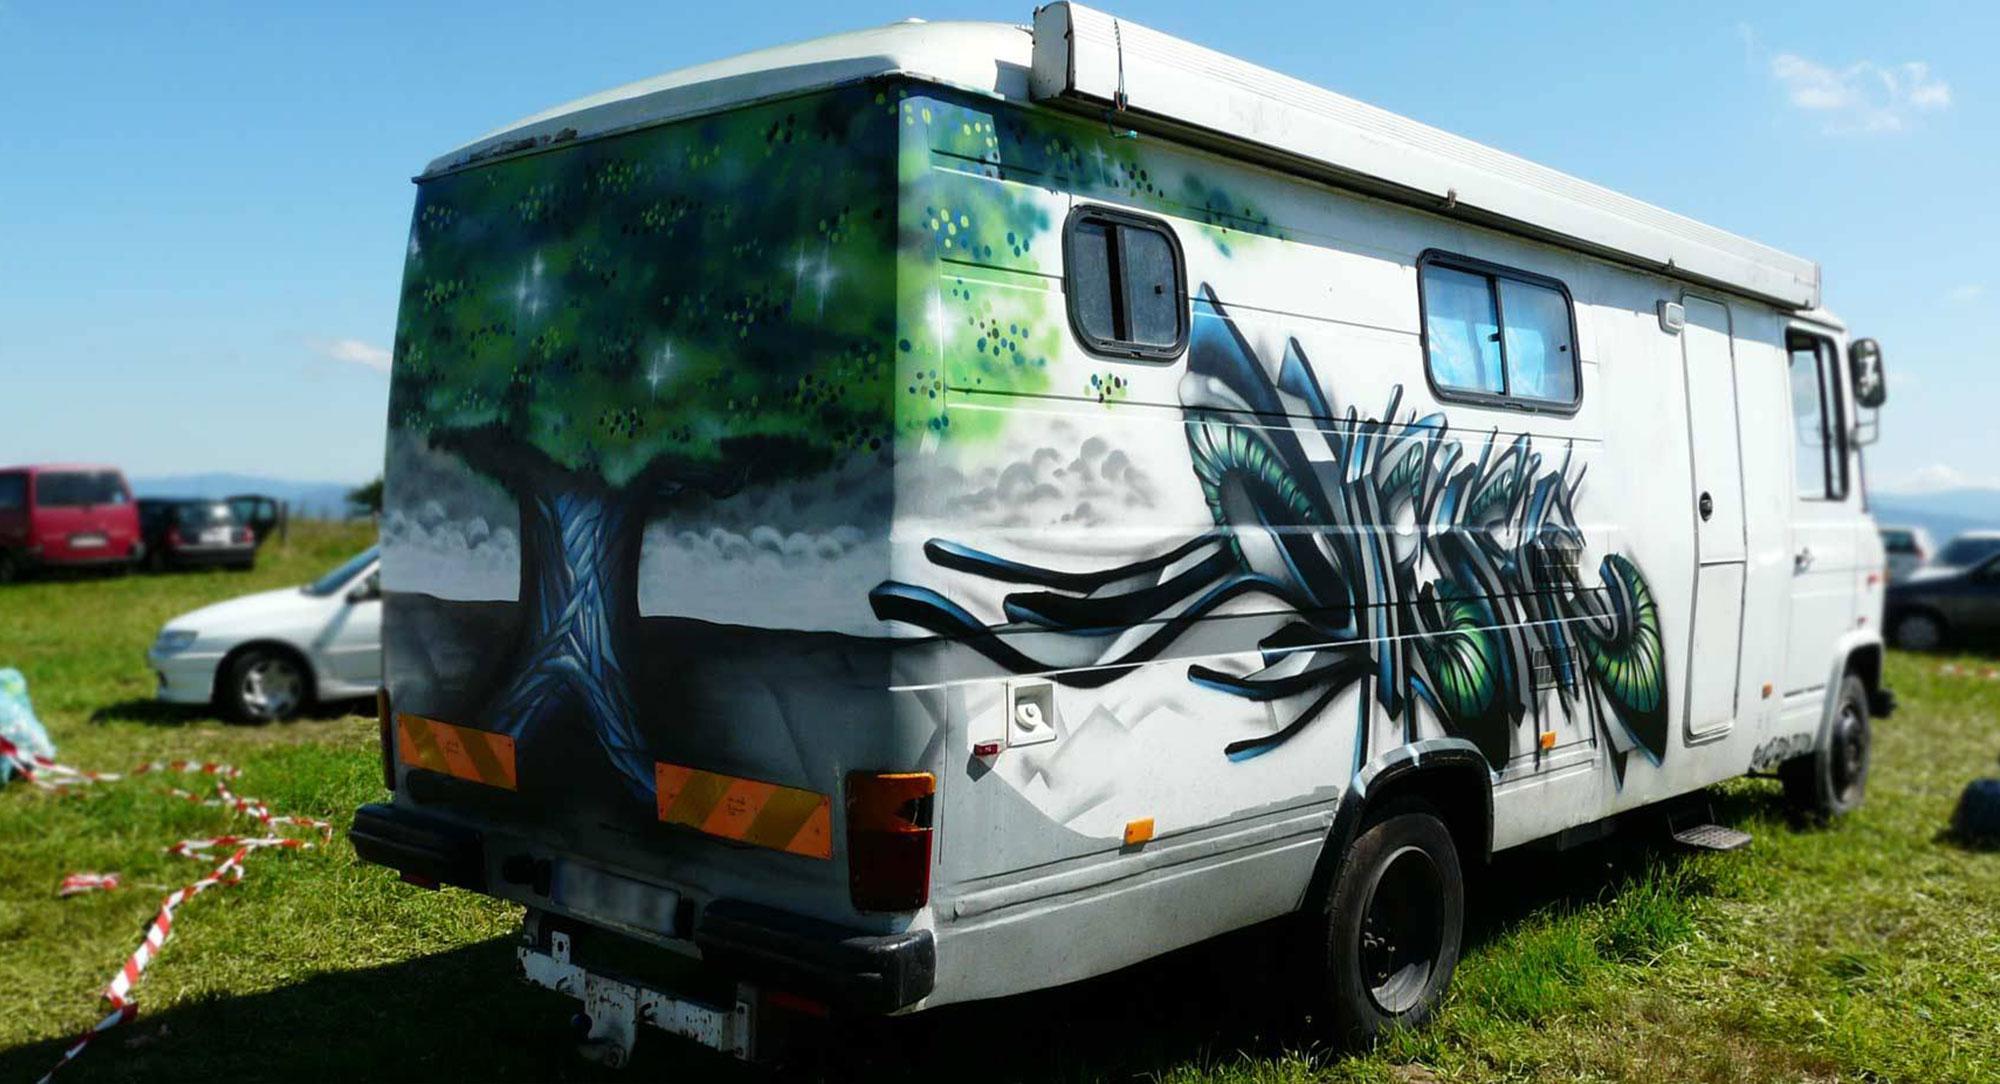 Deft & Epok - Graffiti sur Camion